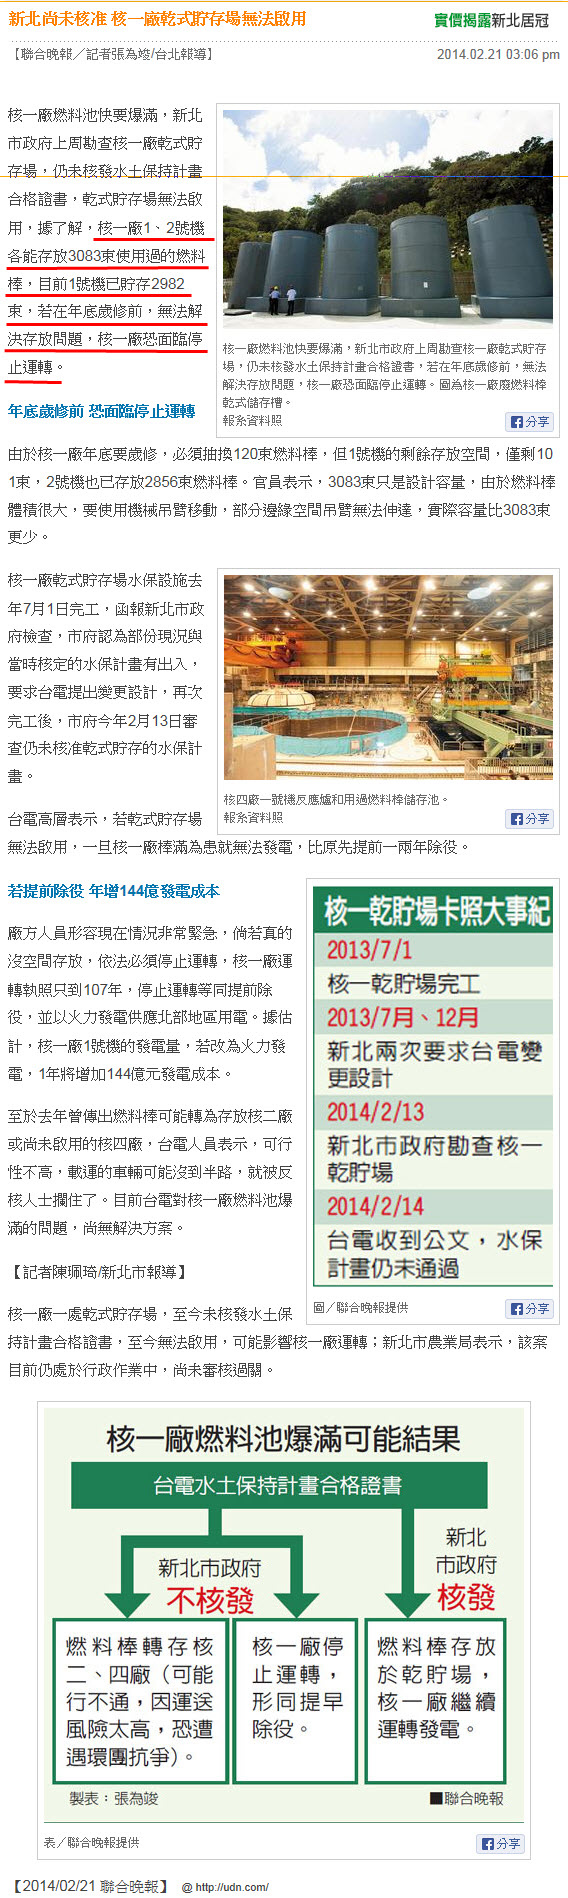 新北尚未核准 核一廠乾式貯存場無法啟用-2014.02.21-01.jpg